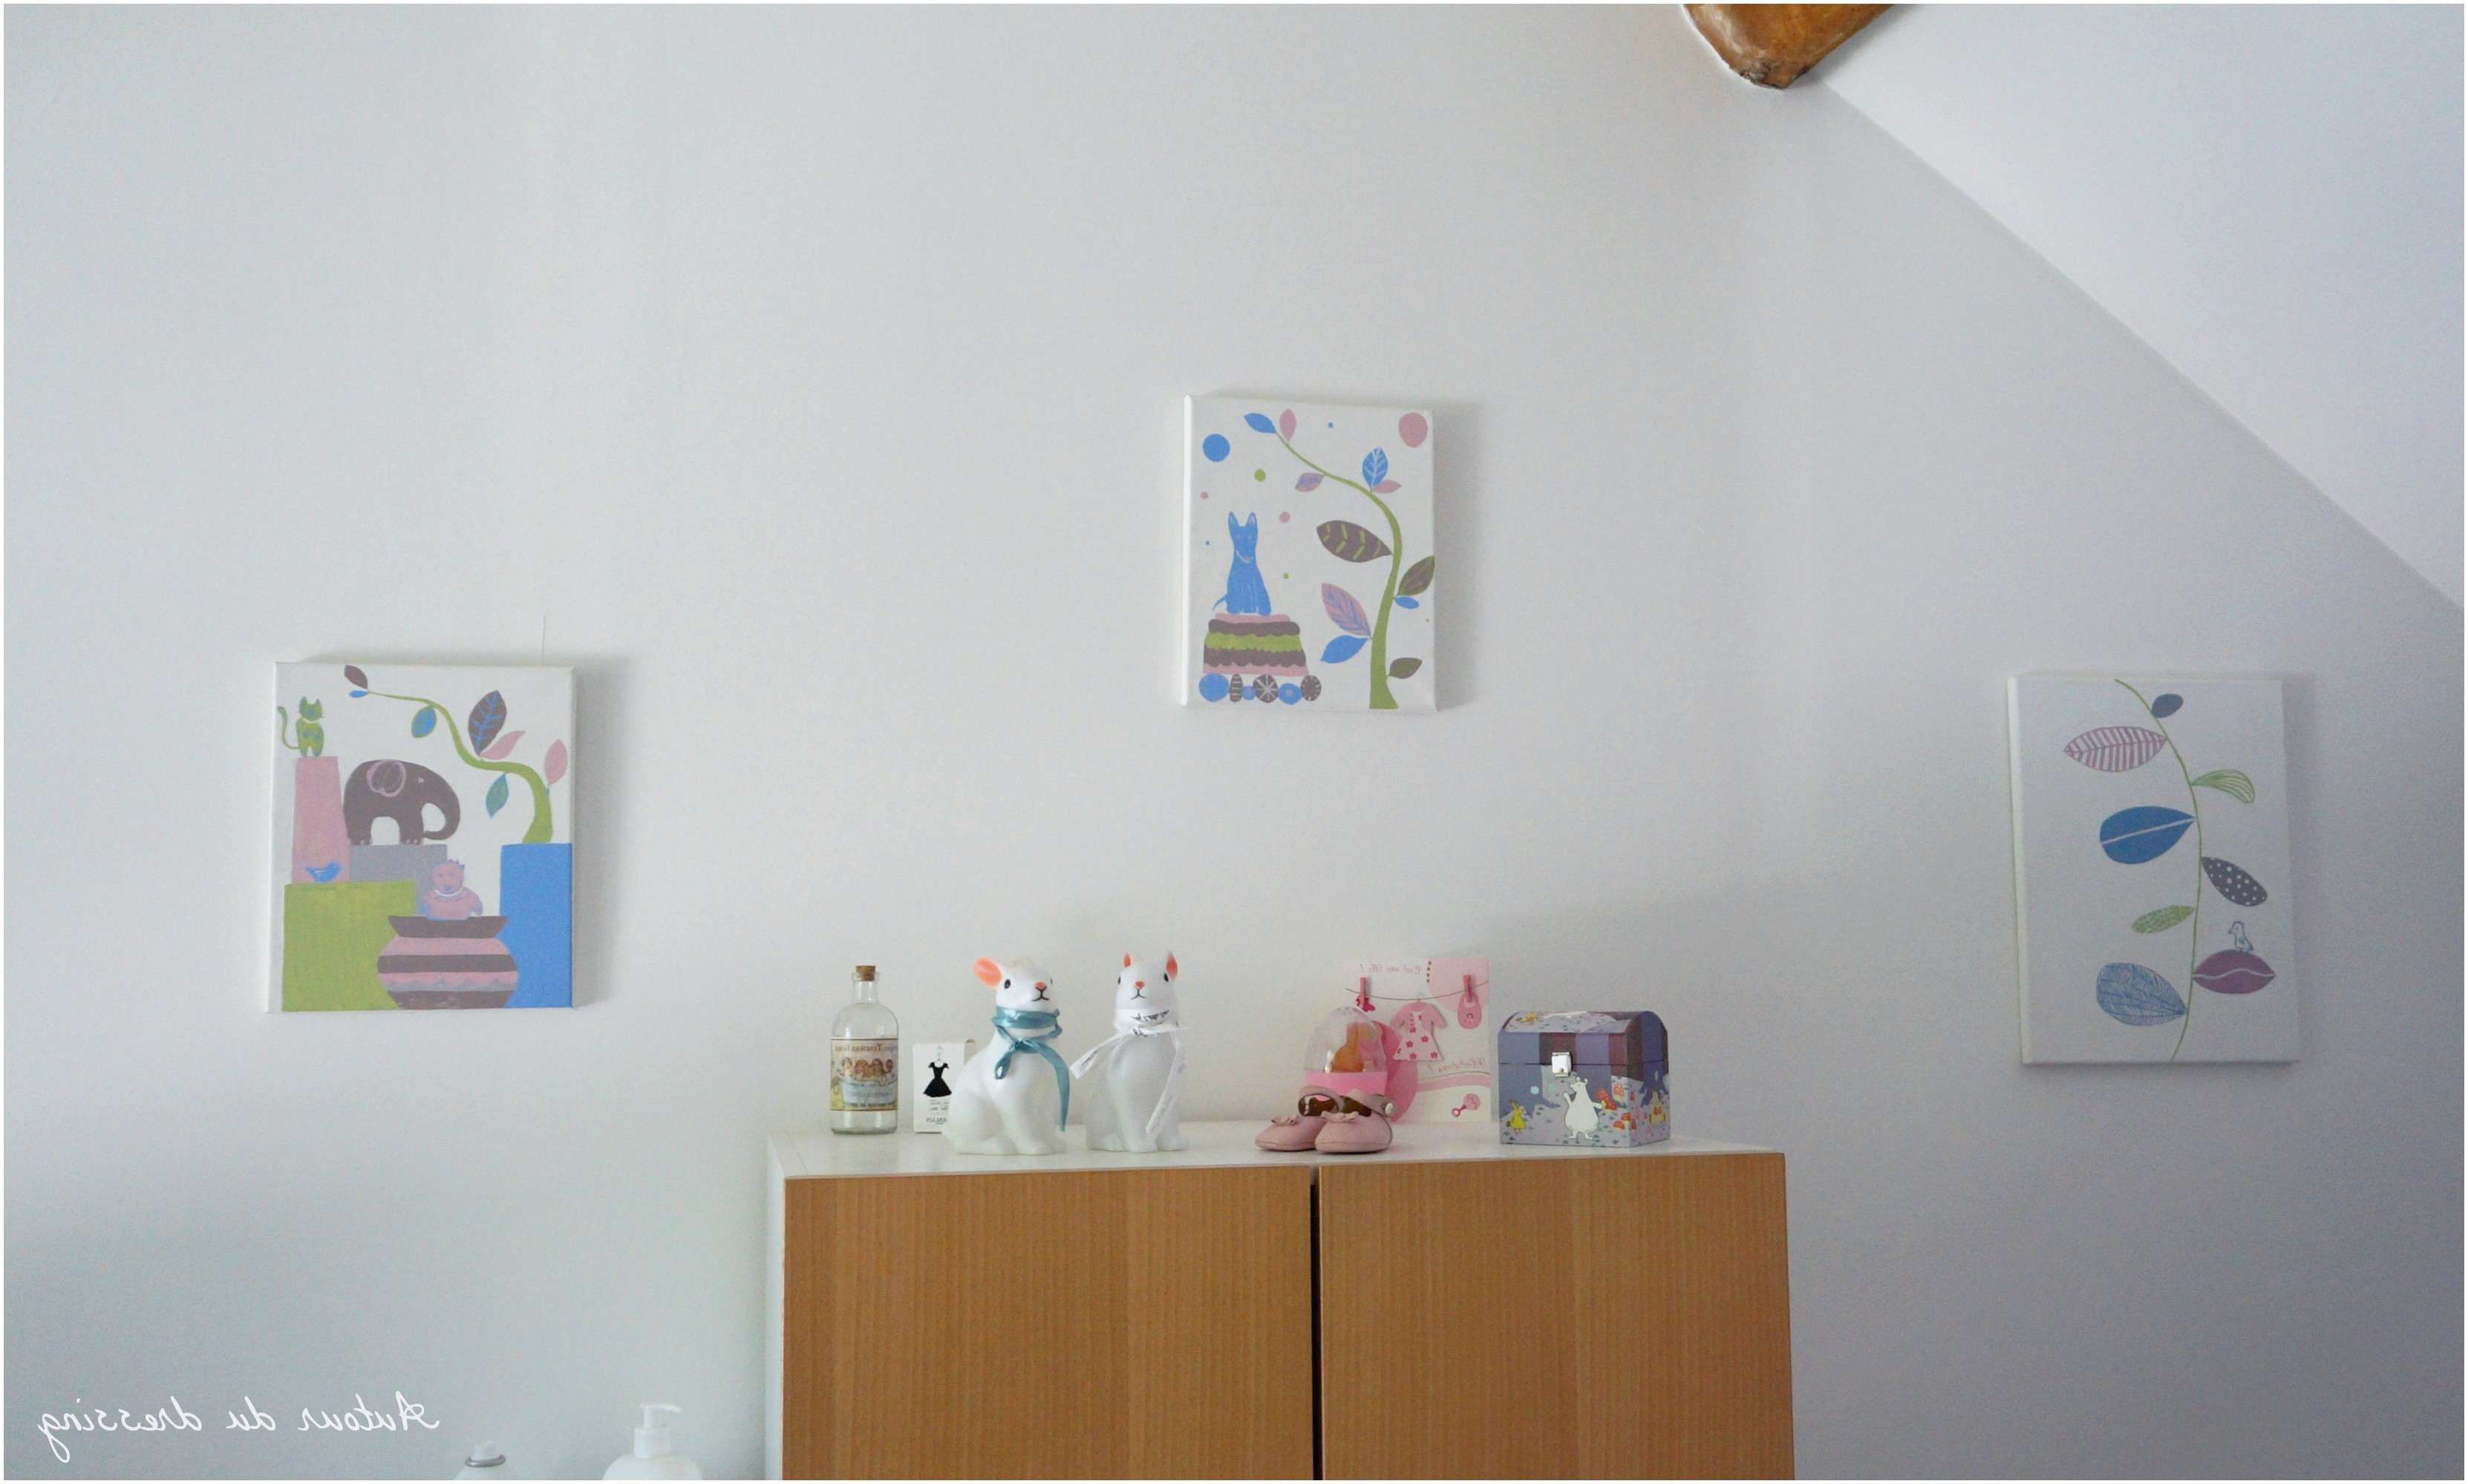 Accessoire Lit Bébé Belle Elégant Chambre Bébé Fille Gris Et Rose Beau Parc B C3 A9b C3 A9